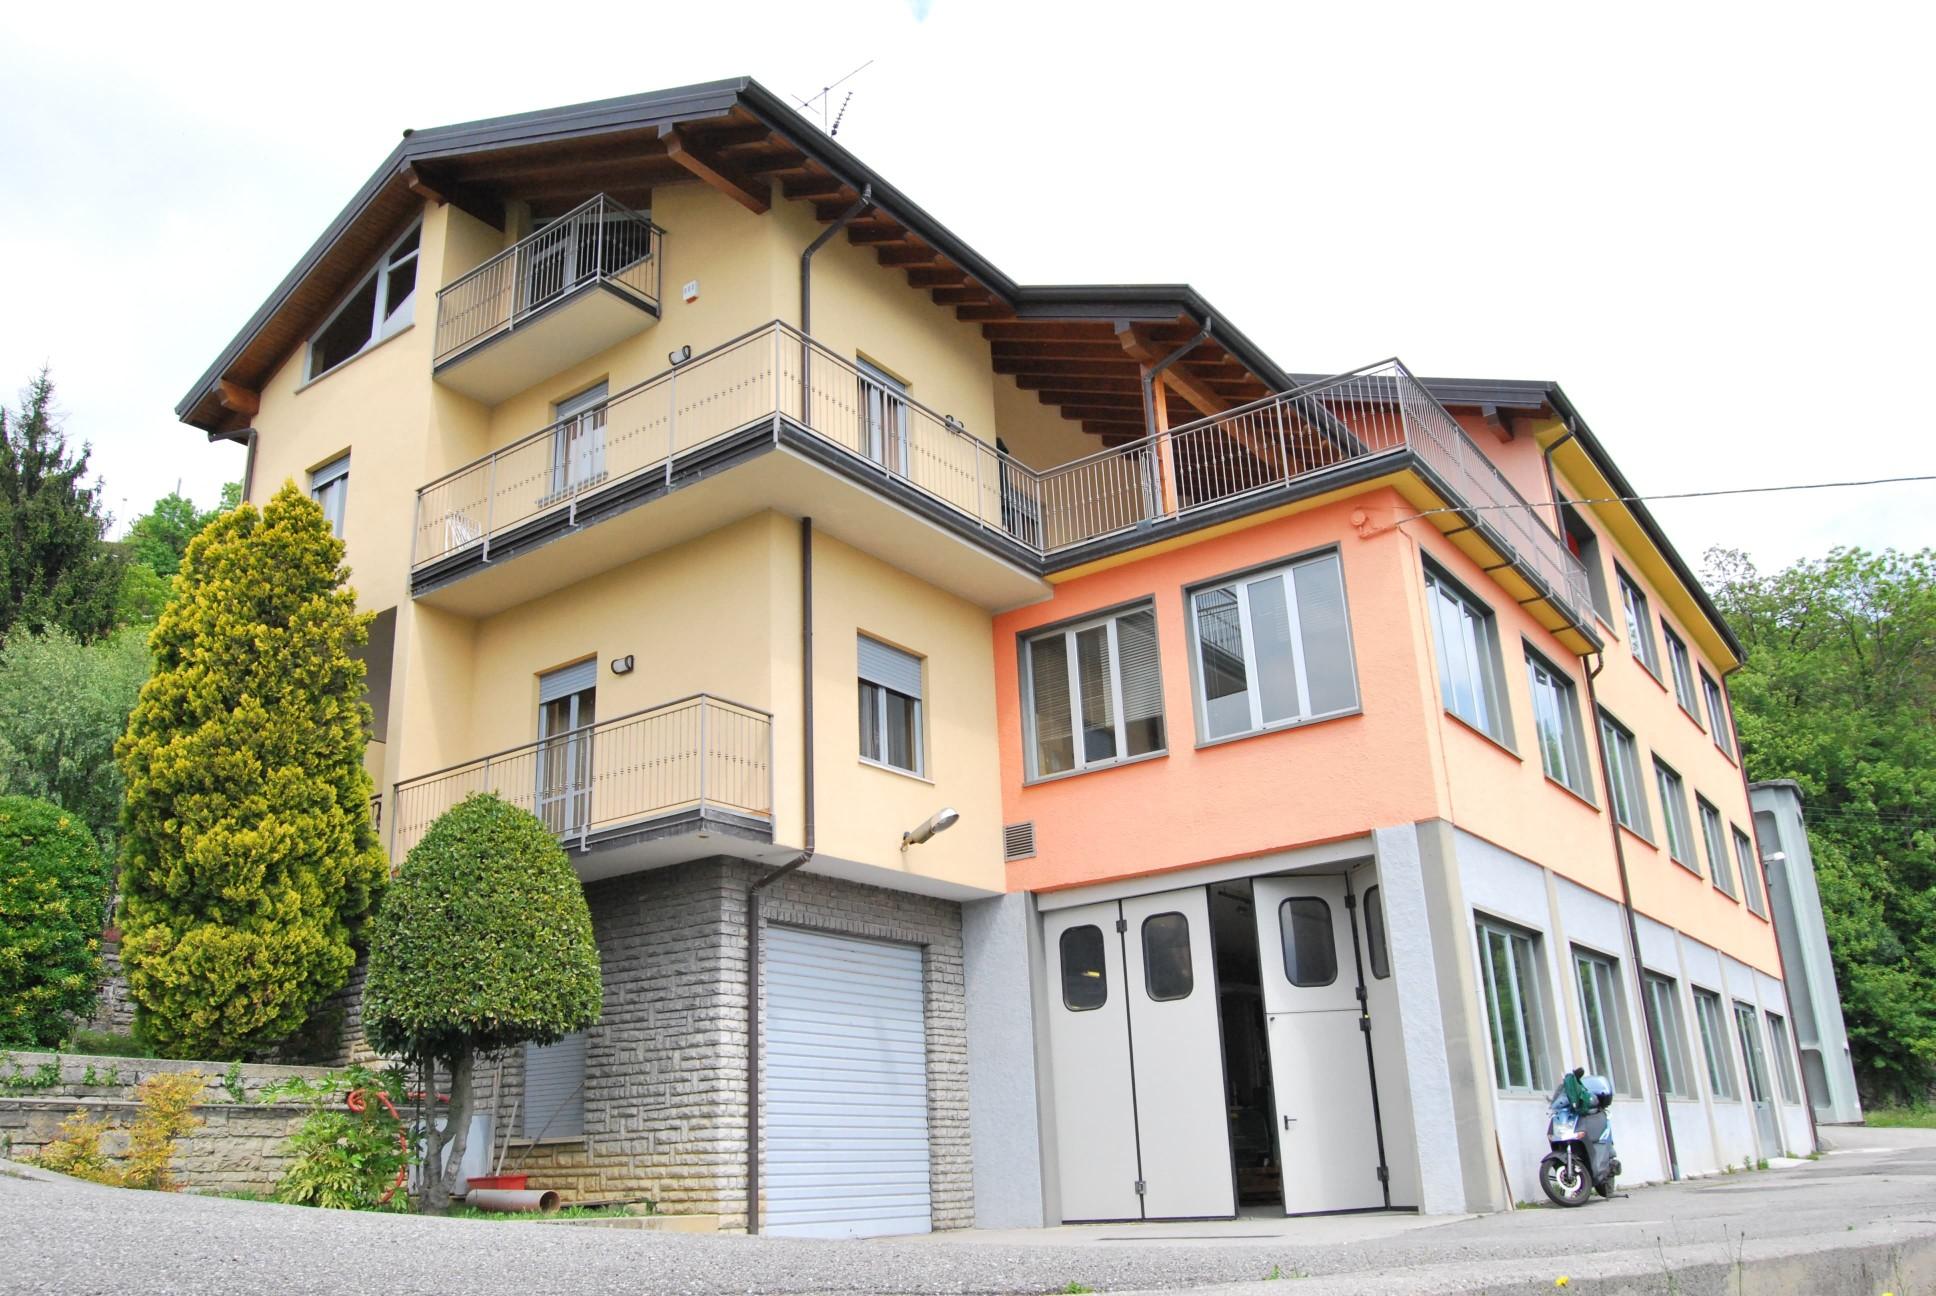 Torneria Corrado Todeschini - tornitura del legno a Bergamo